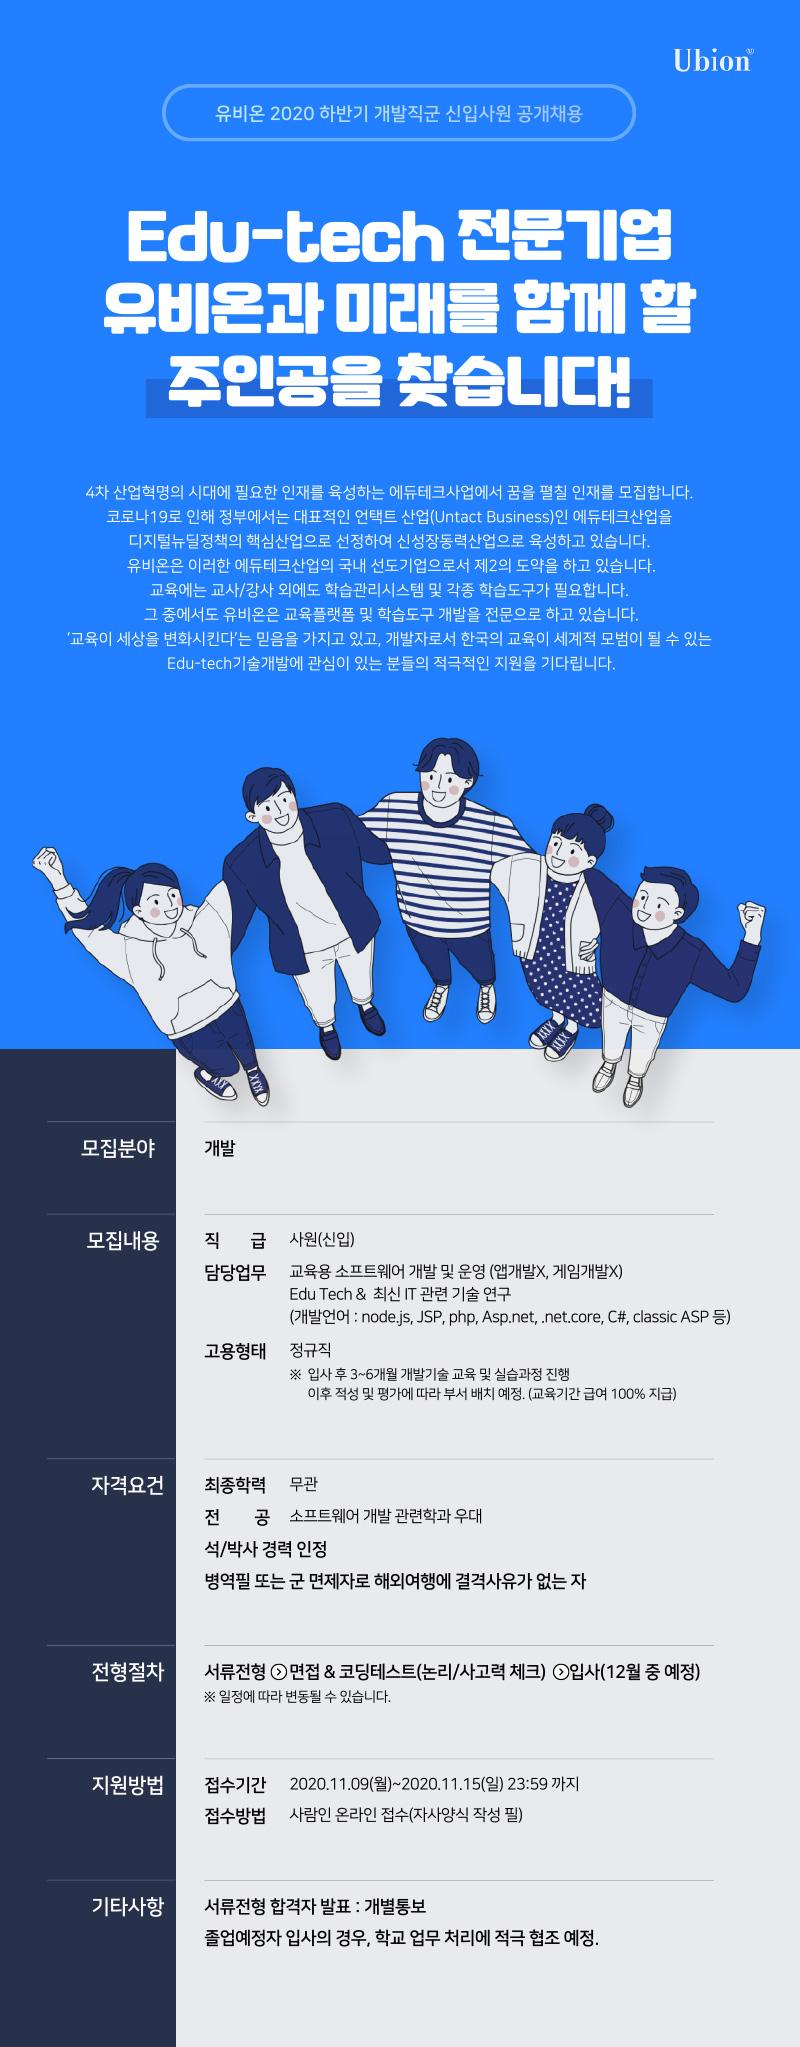 [공채공고] 2020 하반기 개발직군 신입사원 공개채용